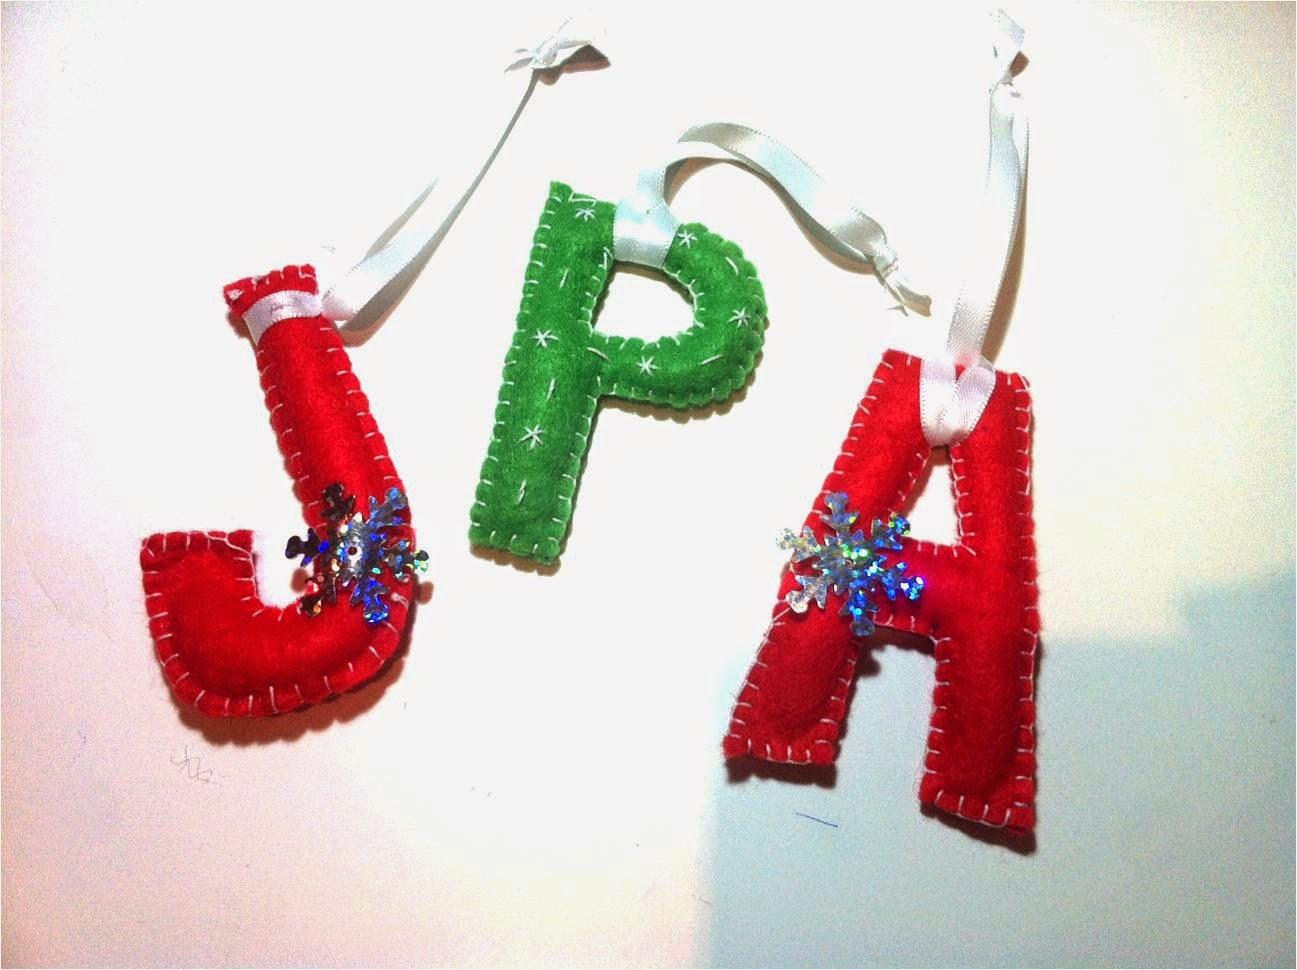 Patronesdiy diy plantillas adornos navidad letras - Adornos navidad diy ...